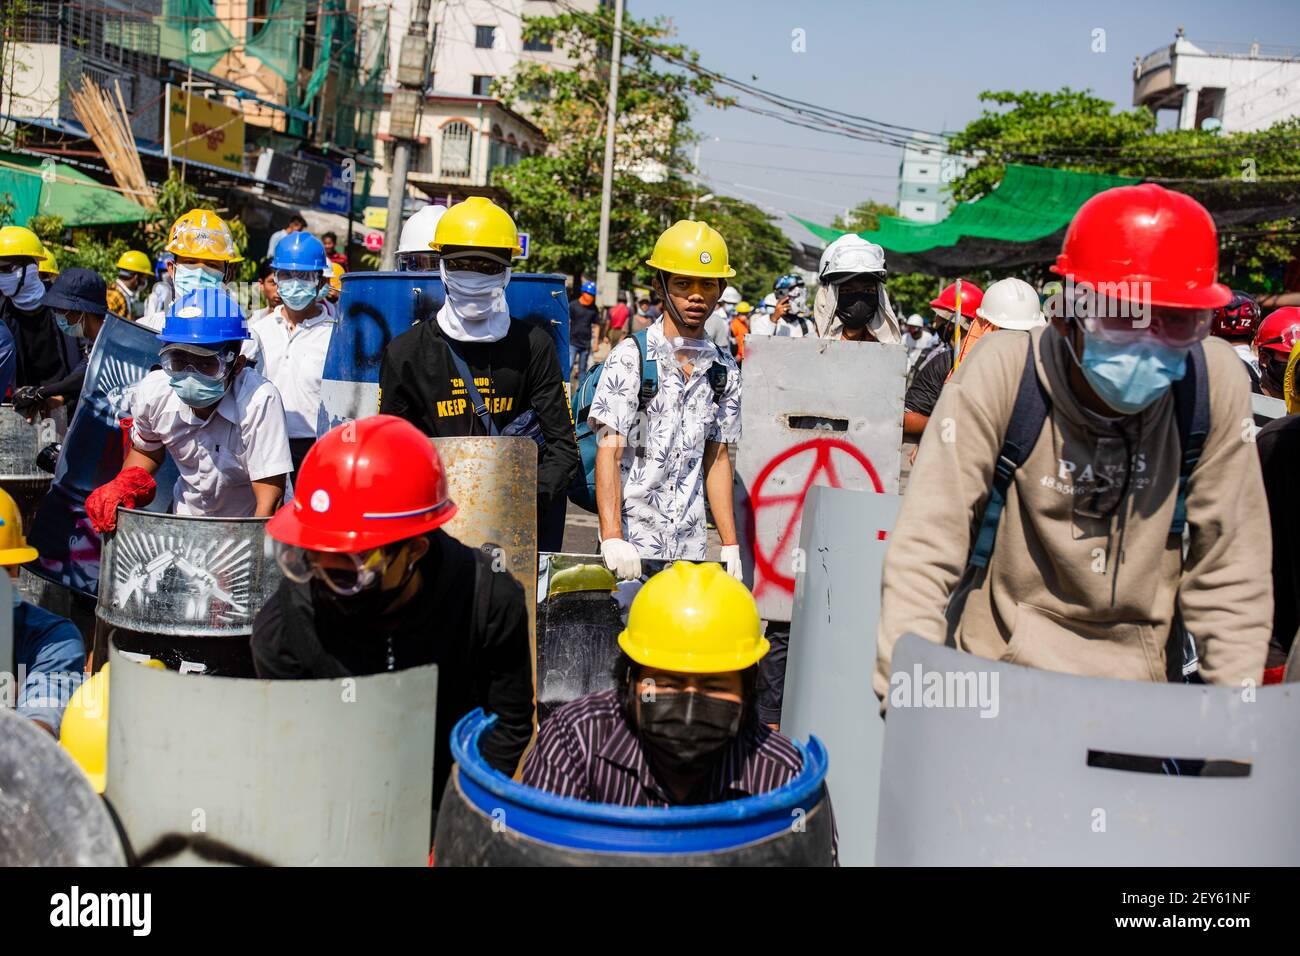 Les manifestants se cachent derrière des boucliers de fortune alors qu'ils se préparent à affronter les forces de sécurité pendant la manifestation. La police du Myanmar a tiré des balles en caoutchouc, des gaz lacrymogènes et des bombes sonores contre des manifestants pacifiques anti-coup militaire. Plusieurs ont été arrêtés et blessés, y compris des volontaires de secours, mais le nombre exact reste incertain. L'armée du Myanmar a arrêté le conseiller d'État du Myanmar Aung San Suu Kyi le 01 février 2021 et a déclaré l'état d'urgence tout en prenant le pouvoir dans le pays pendant un an après avoir perdu les élections contre la Ligue nationale pour la démocratie (NLD). Banque D'Images